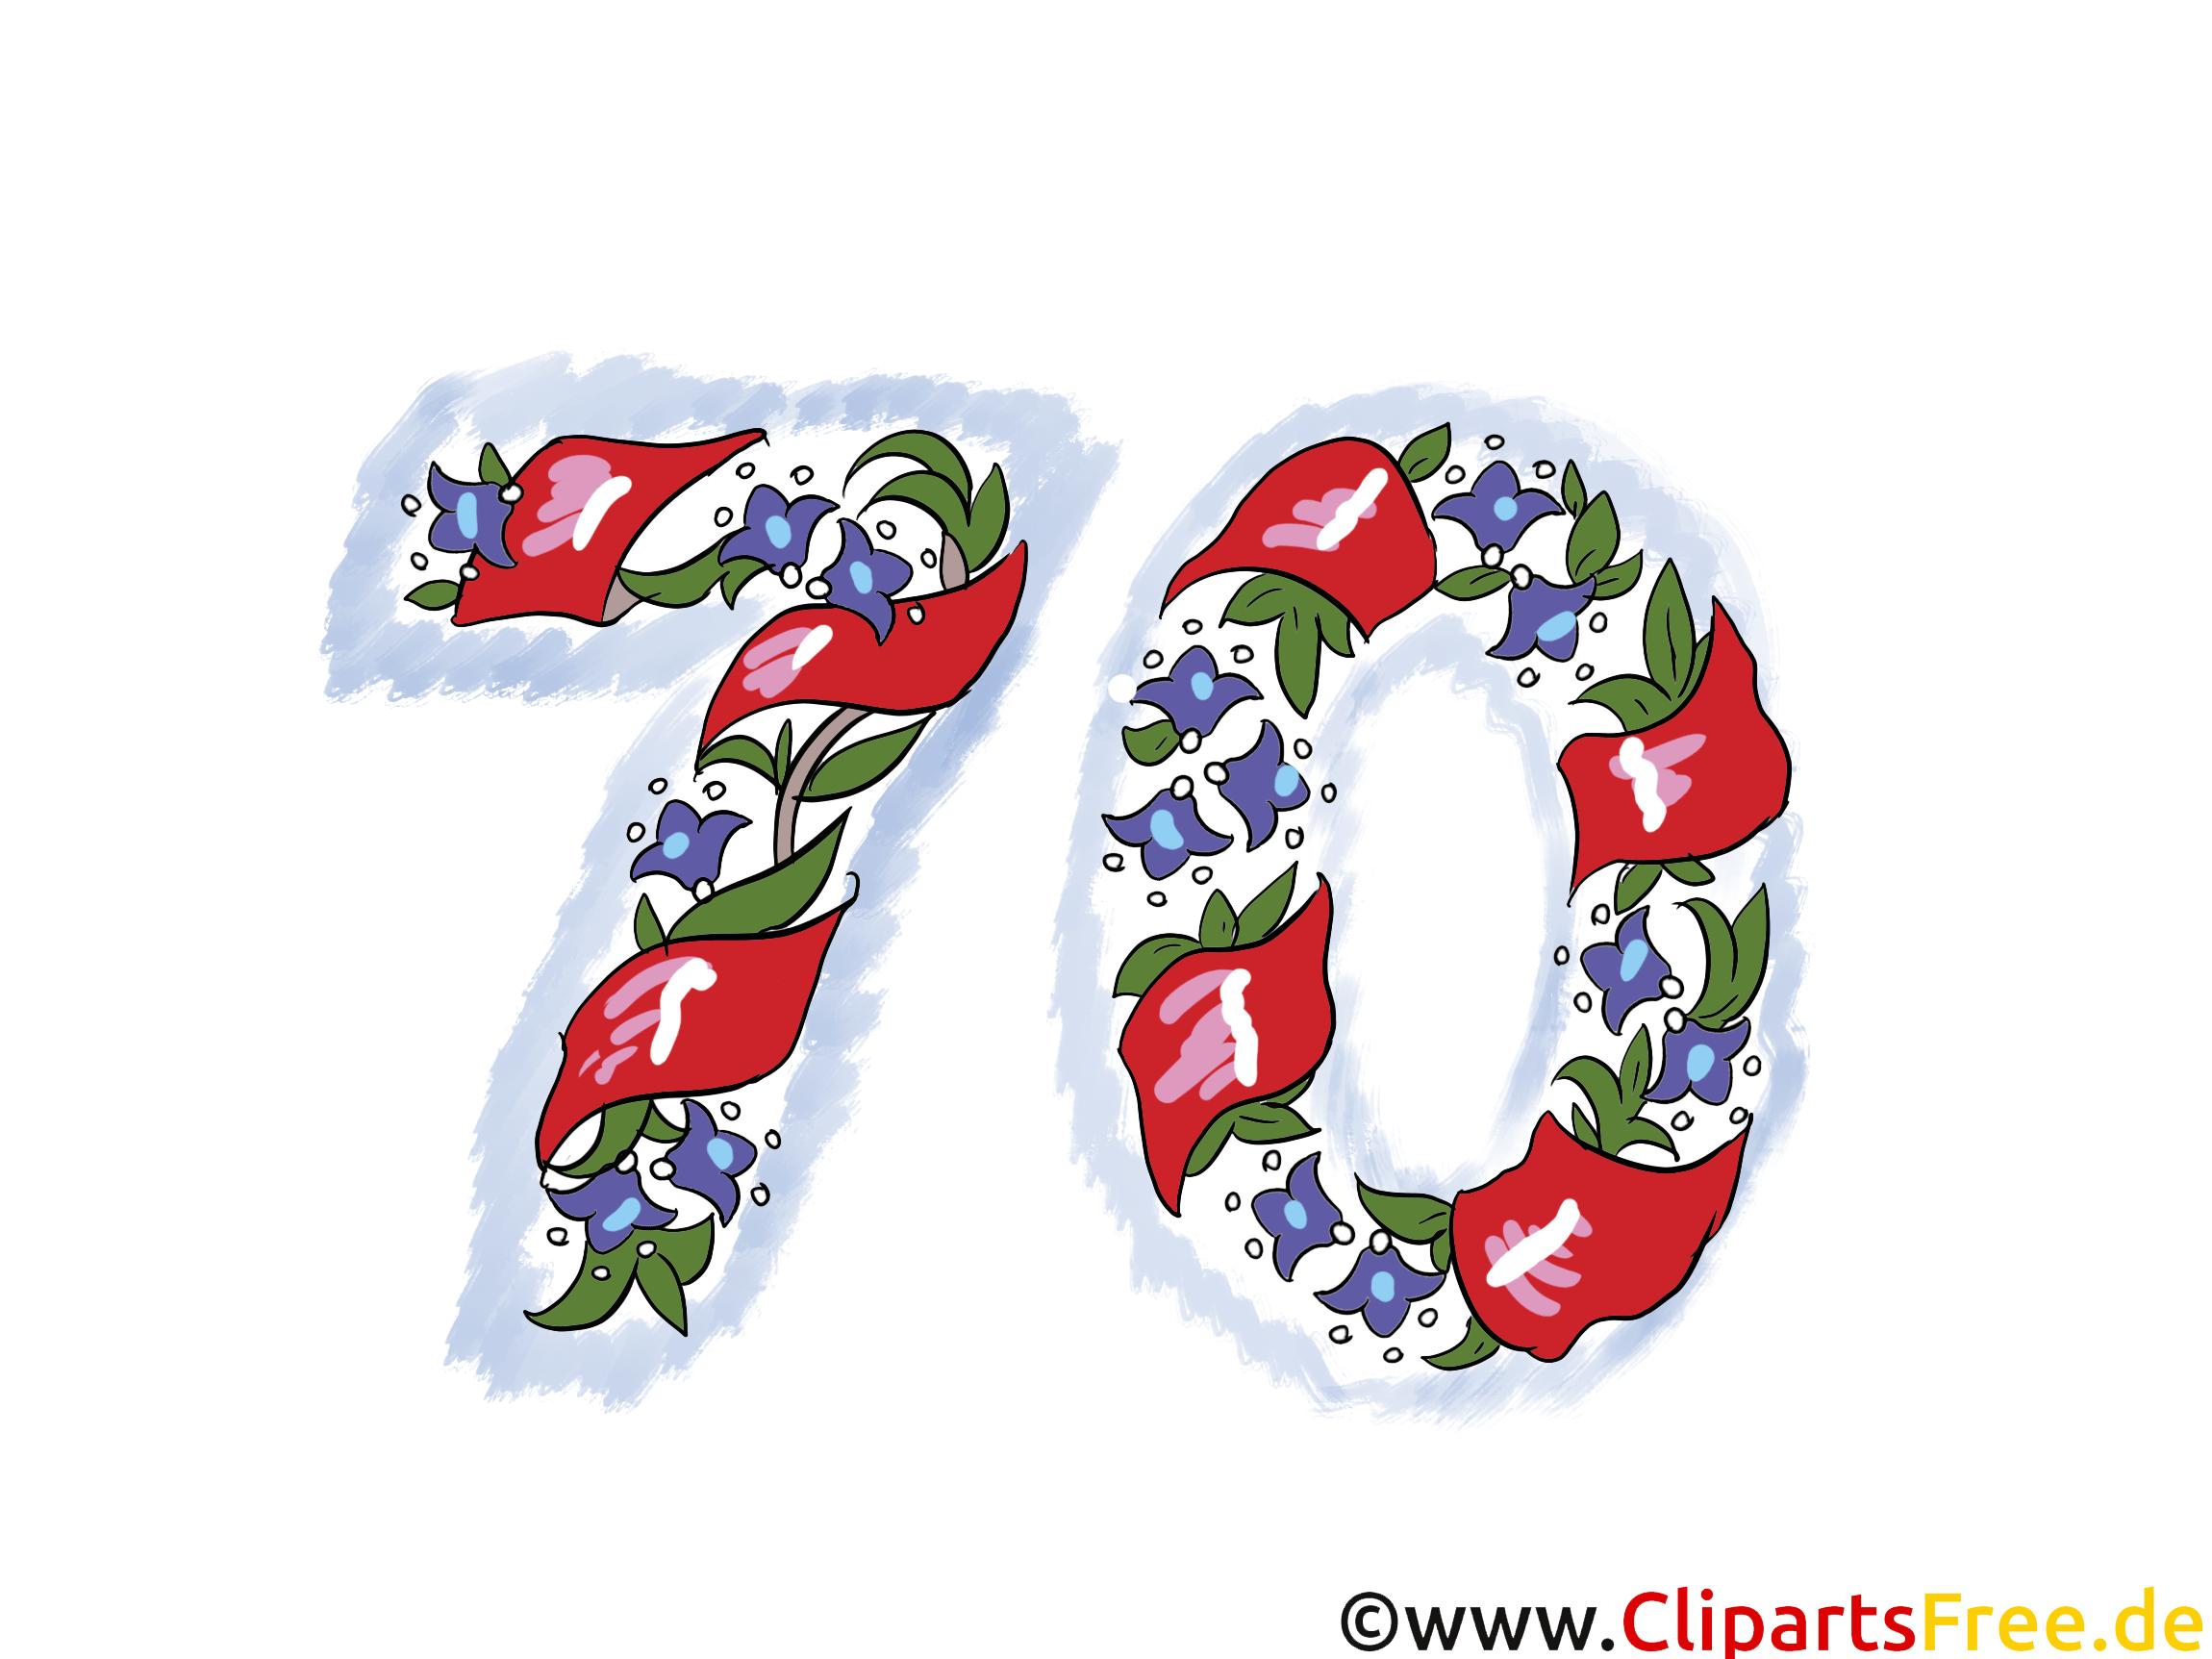 Schön Geburtstag Wünsche 70 Jahre   Clipart Vorlage Für Wunschkarte, Einladung,  Danksagung